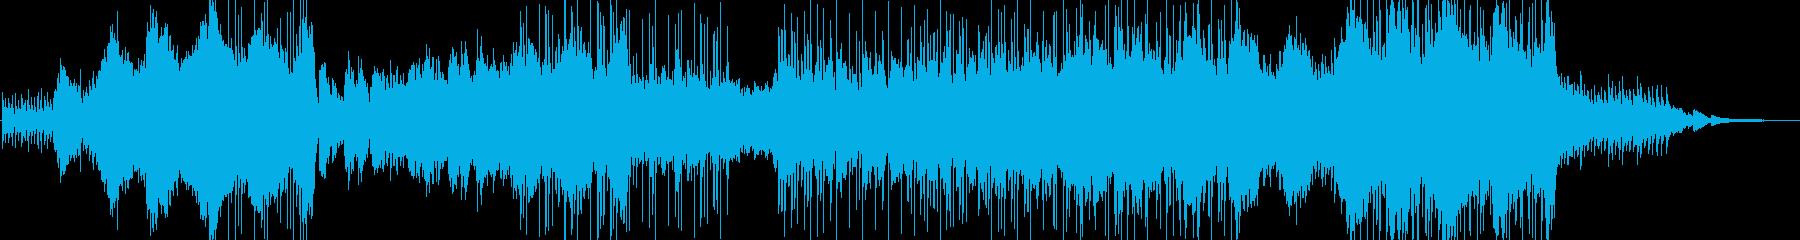 夏休みが懐かしく思えるヒーリングBGMの再生済みの波形